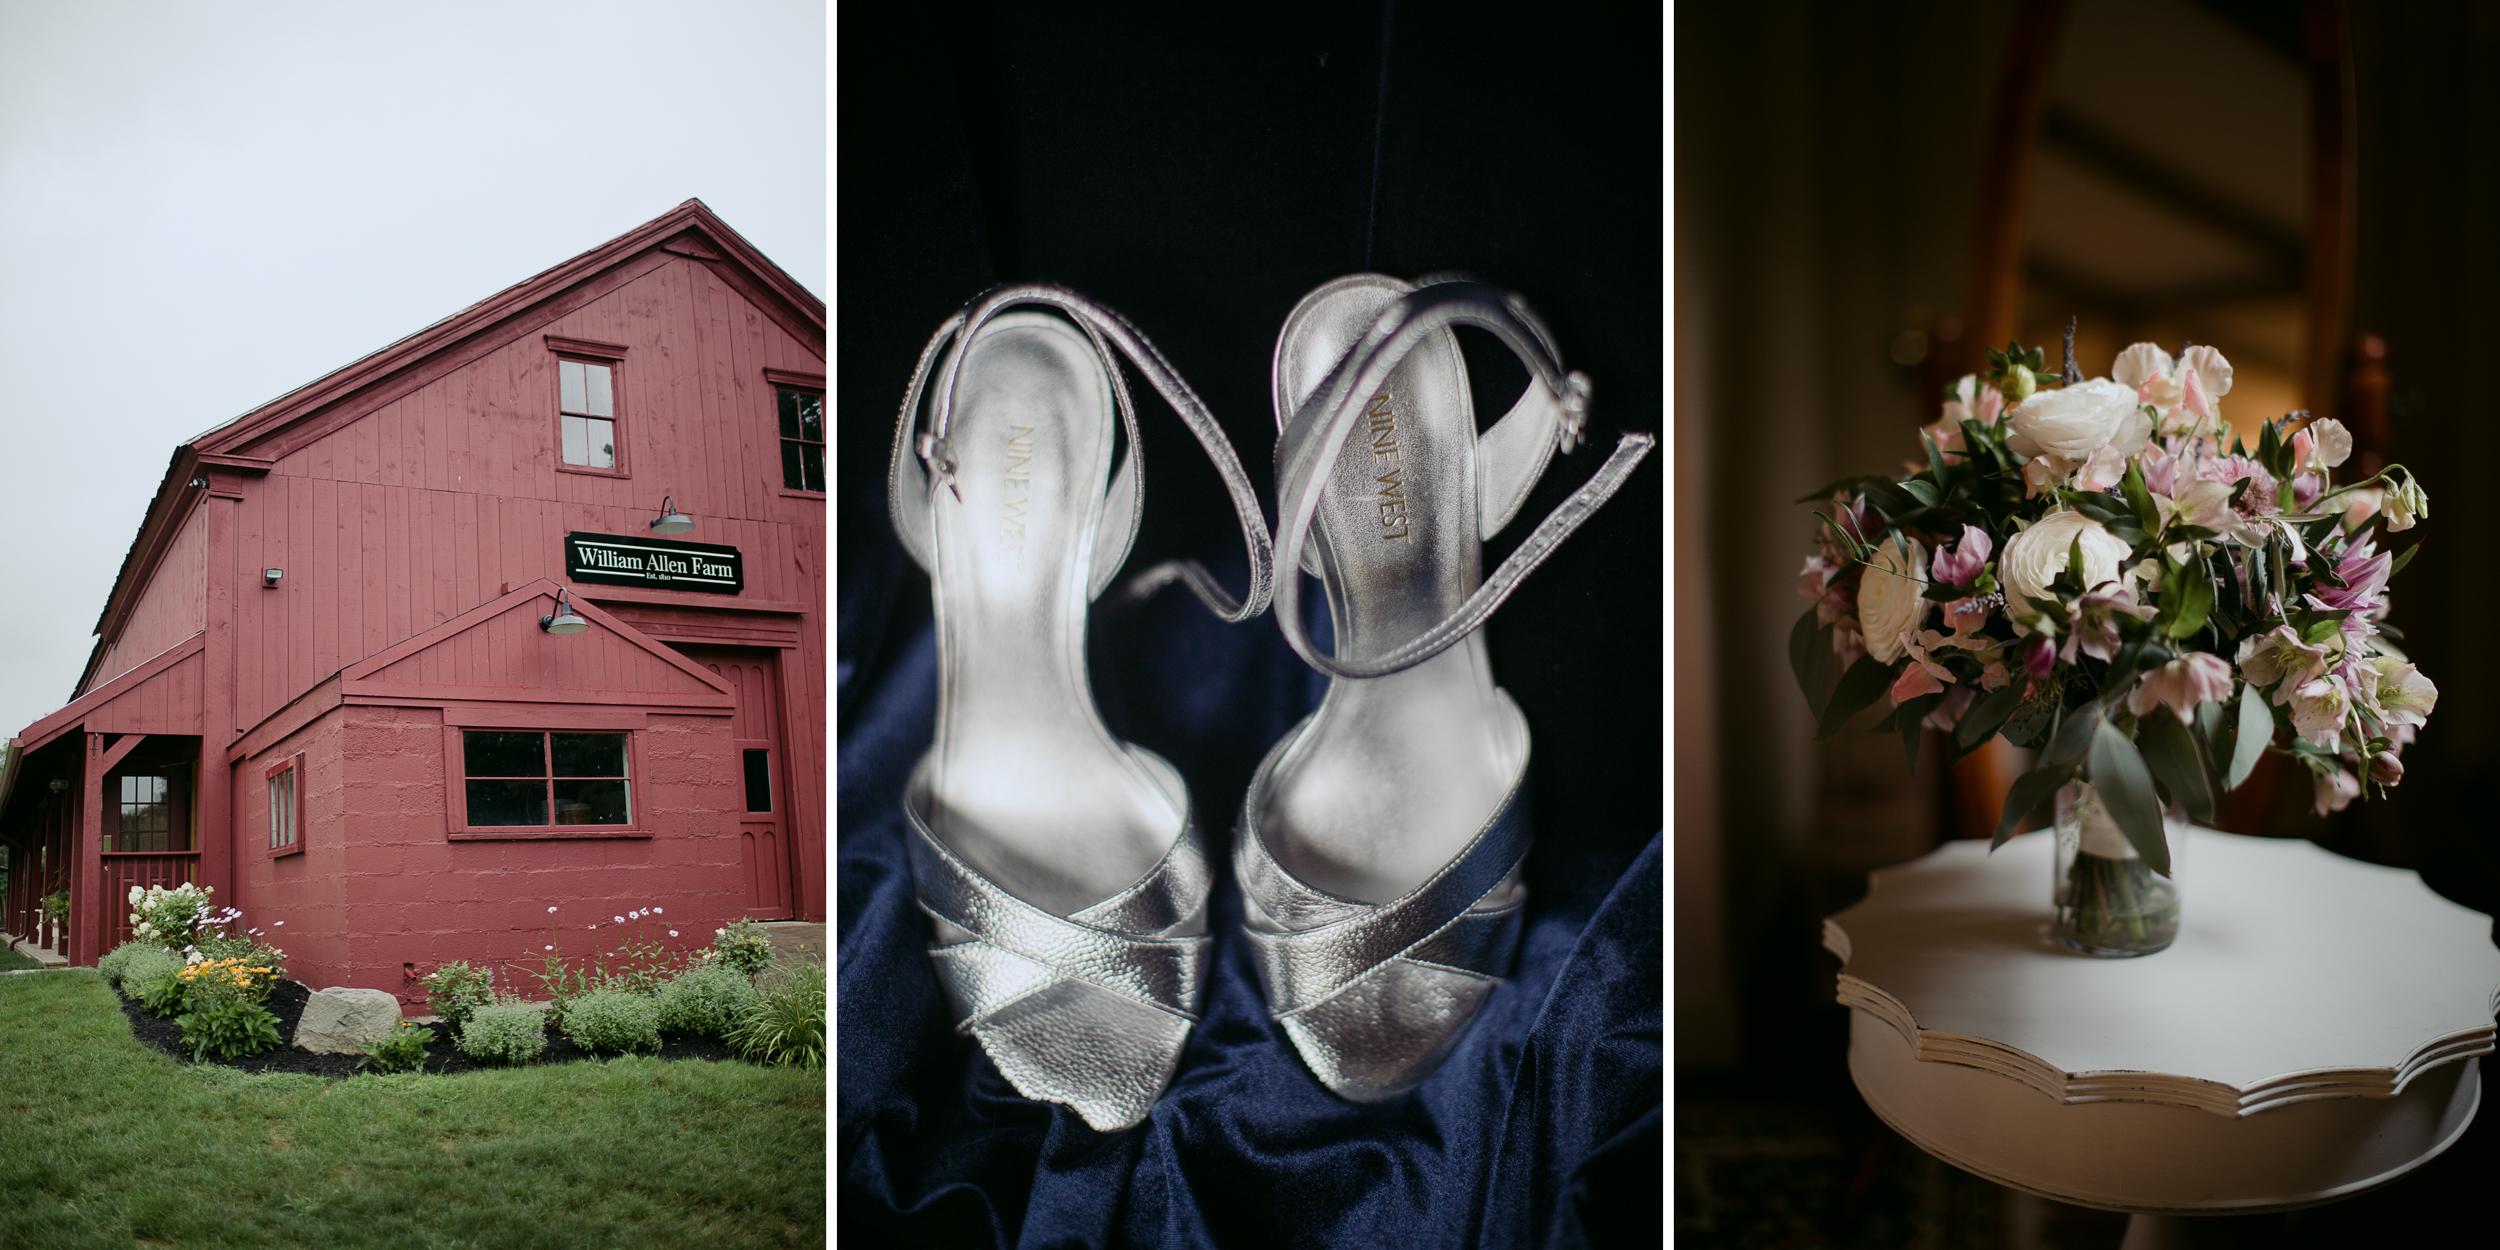 william_allen_farm_pownal_wedding_maine_michelleben-1.jpg